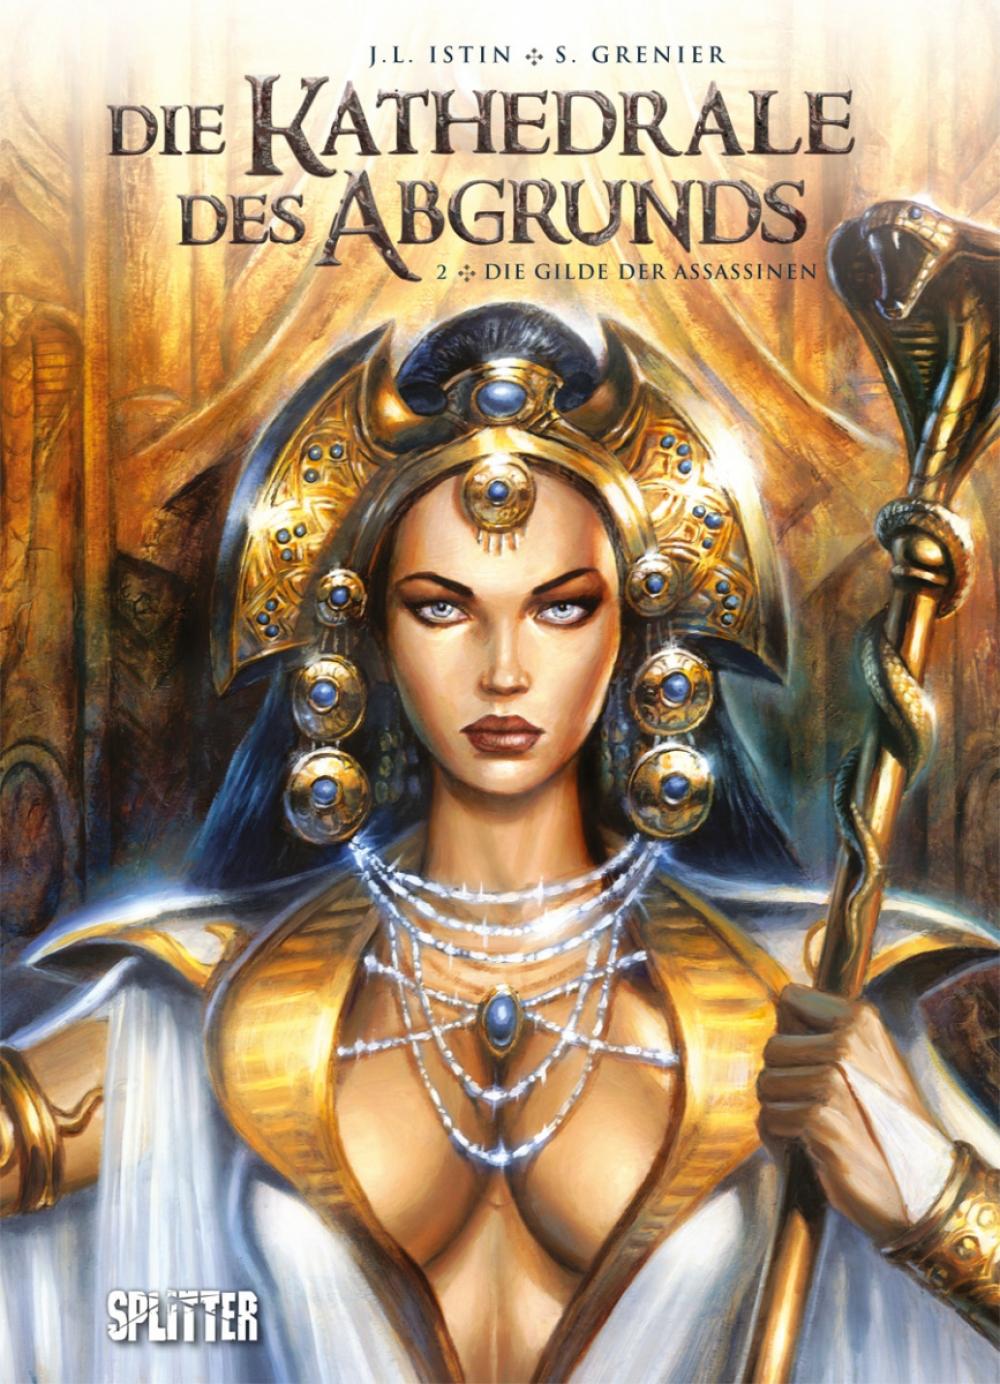 Die Kathedrale des Abgrunds 2 : Die Gilde der Assassinen